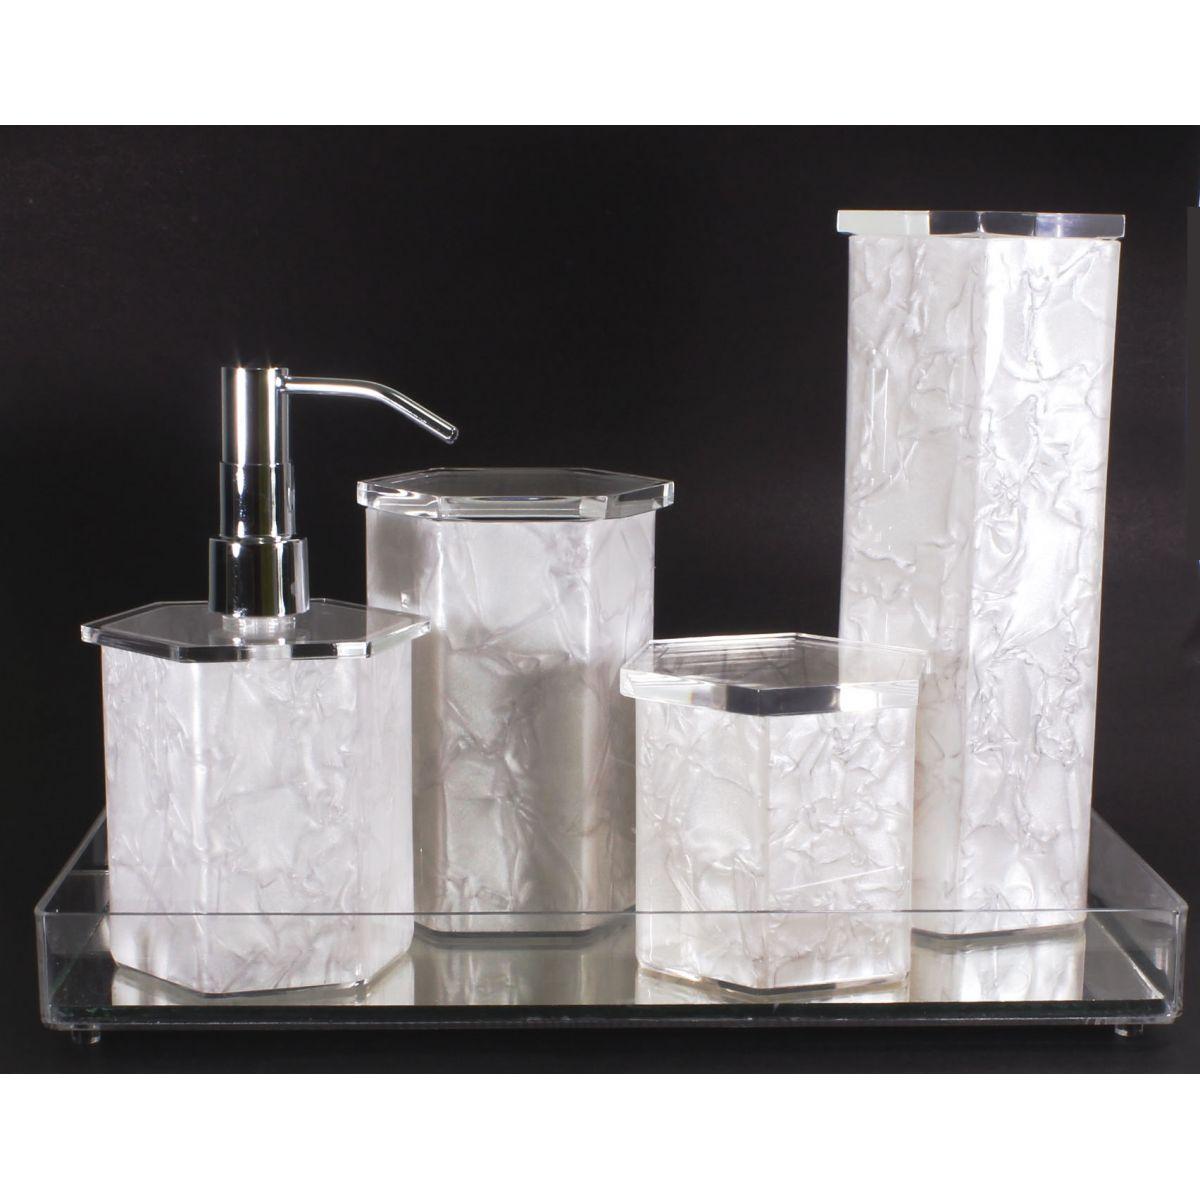 Jogo Banheiro Kit Higiene Branco Pérola  Decorar Cantinho  Elo7 -> Kit Armario De Banheiro